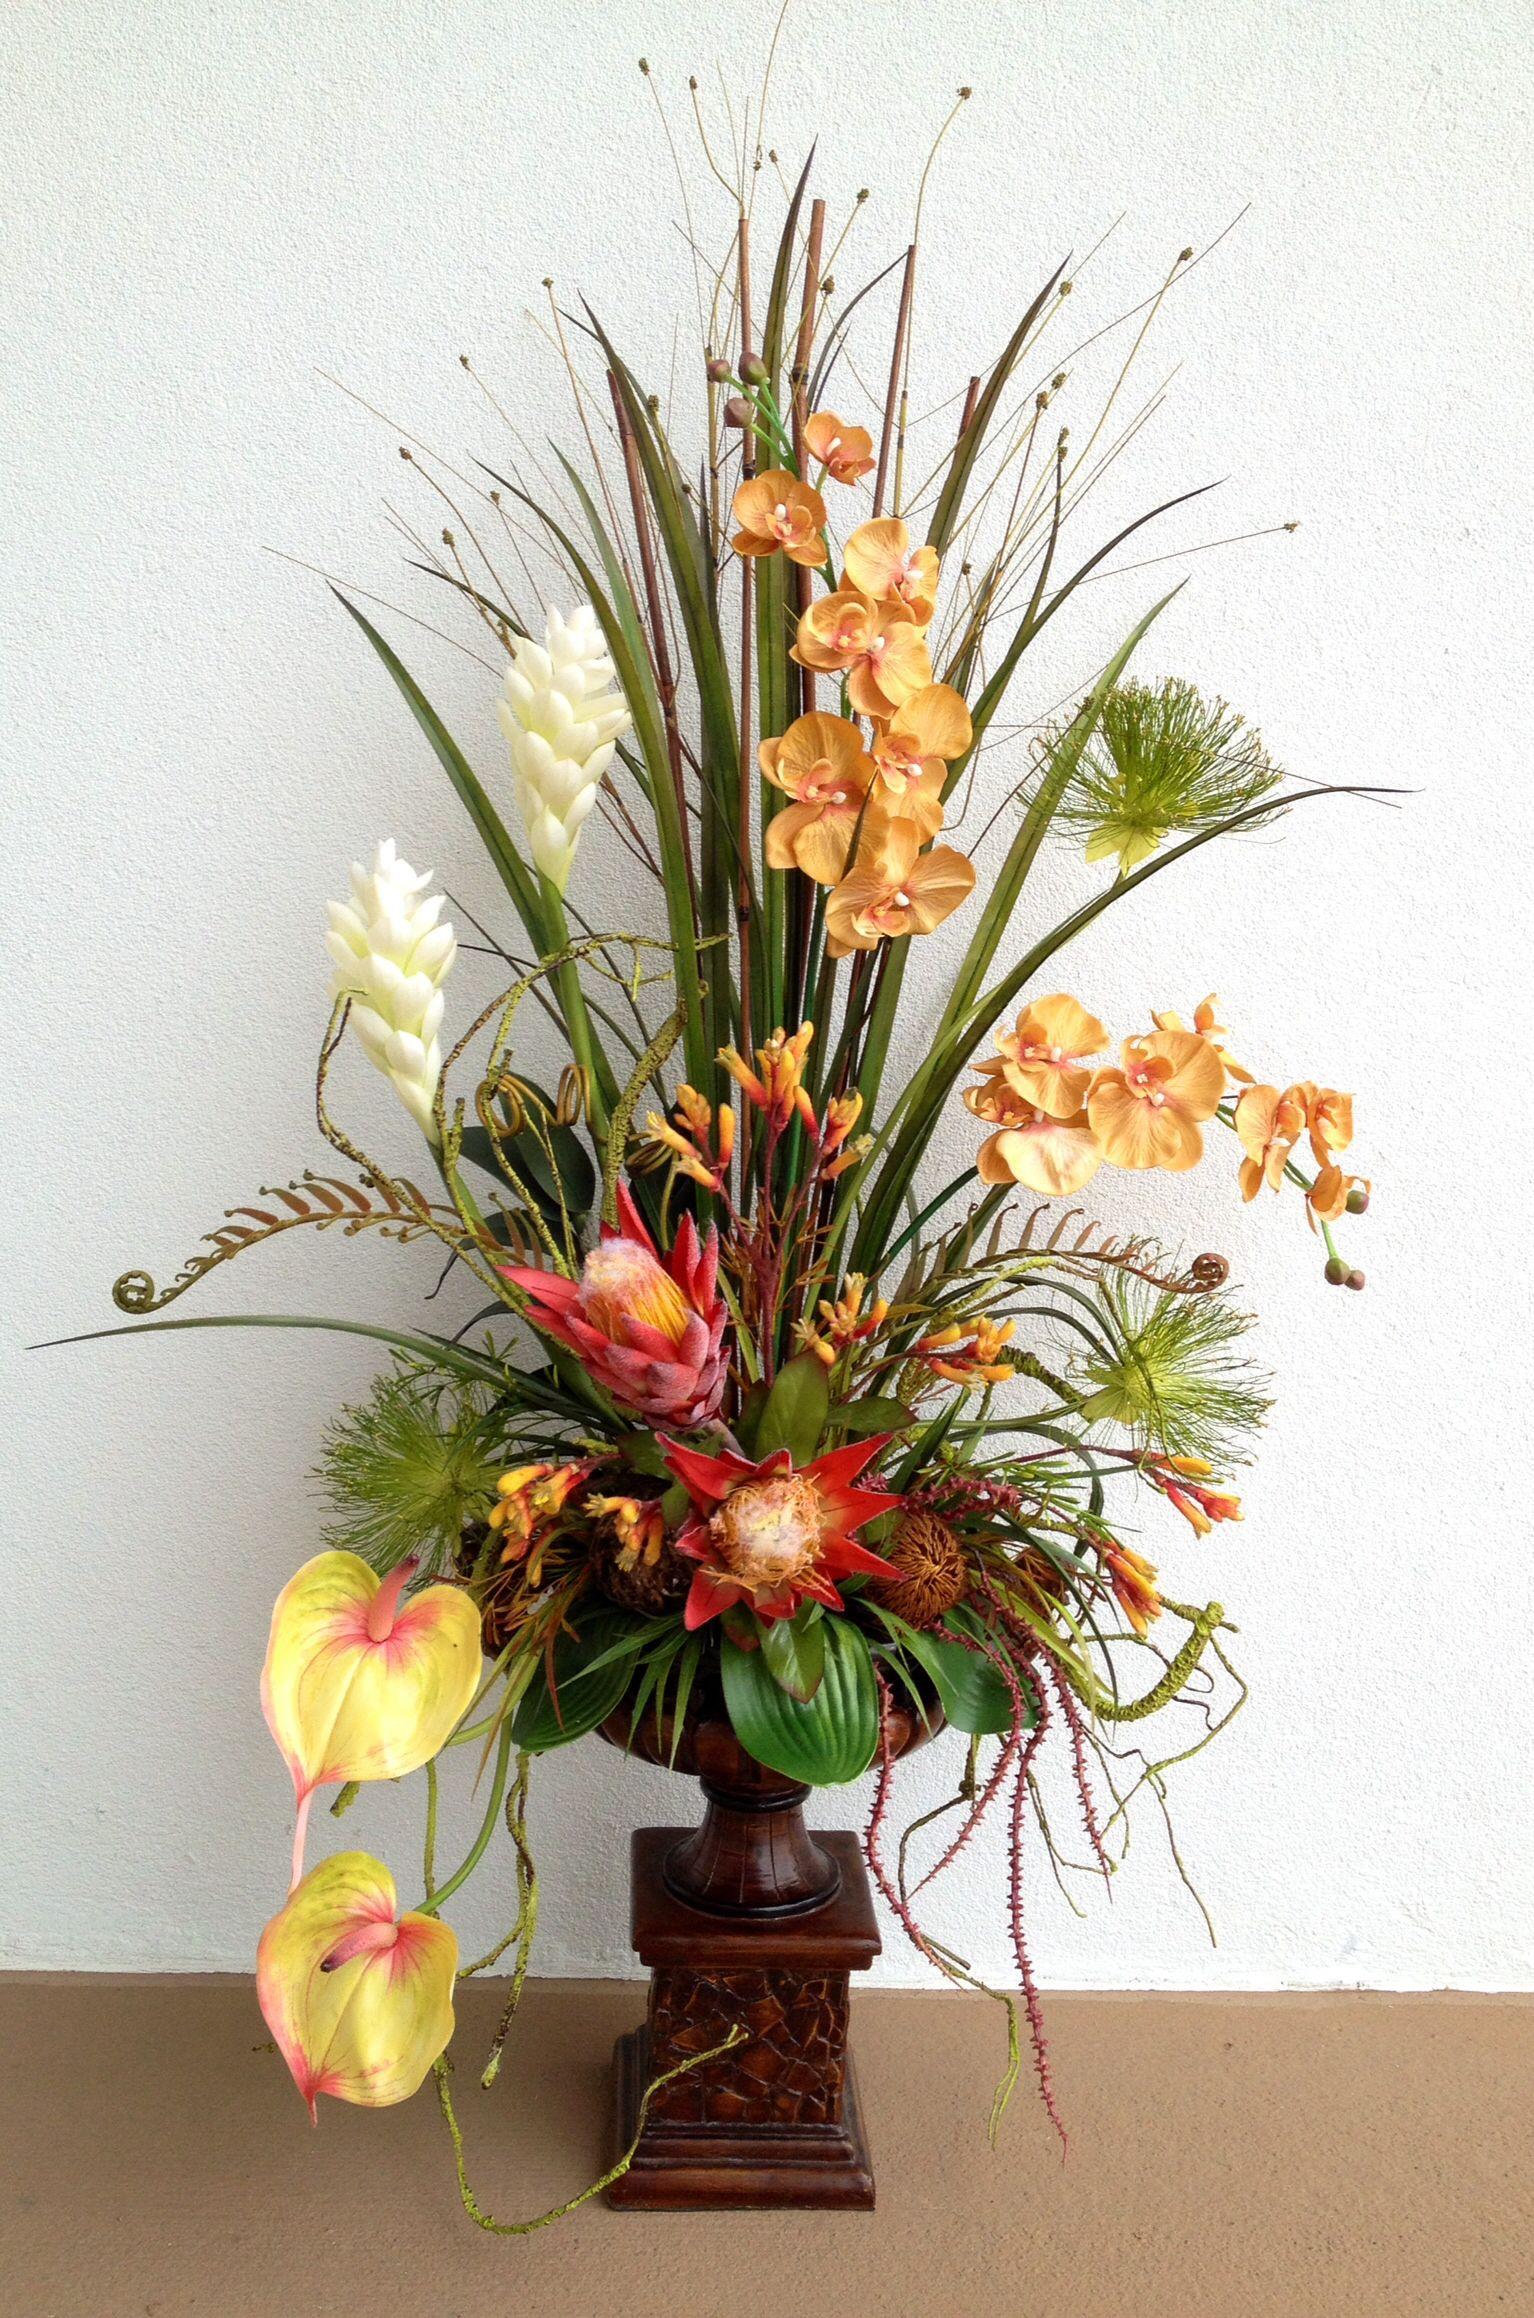 Tropical arrangement @arcadiafloral